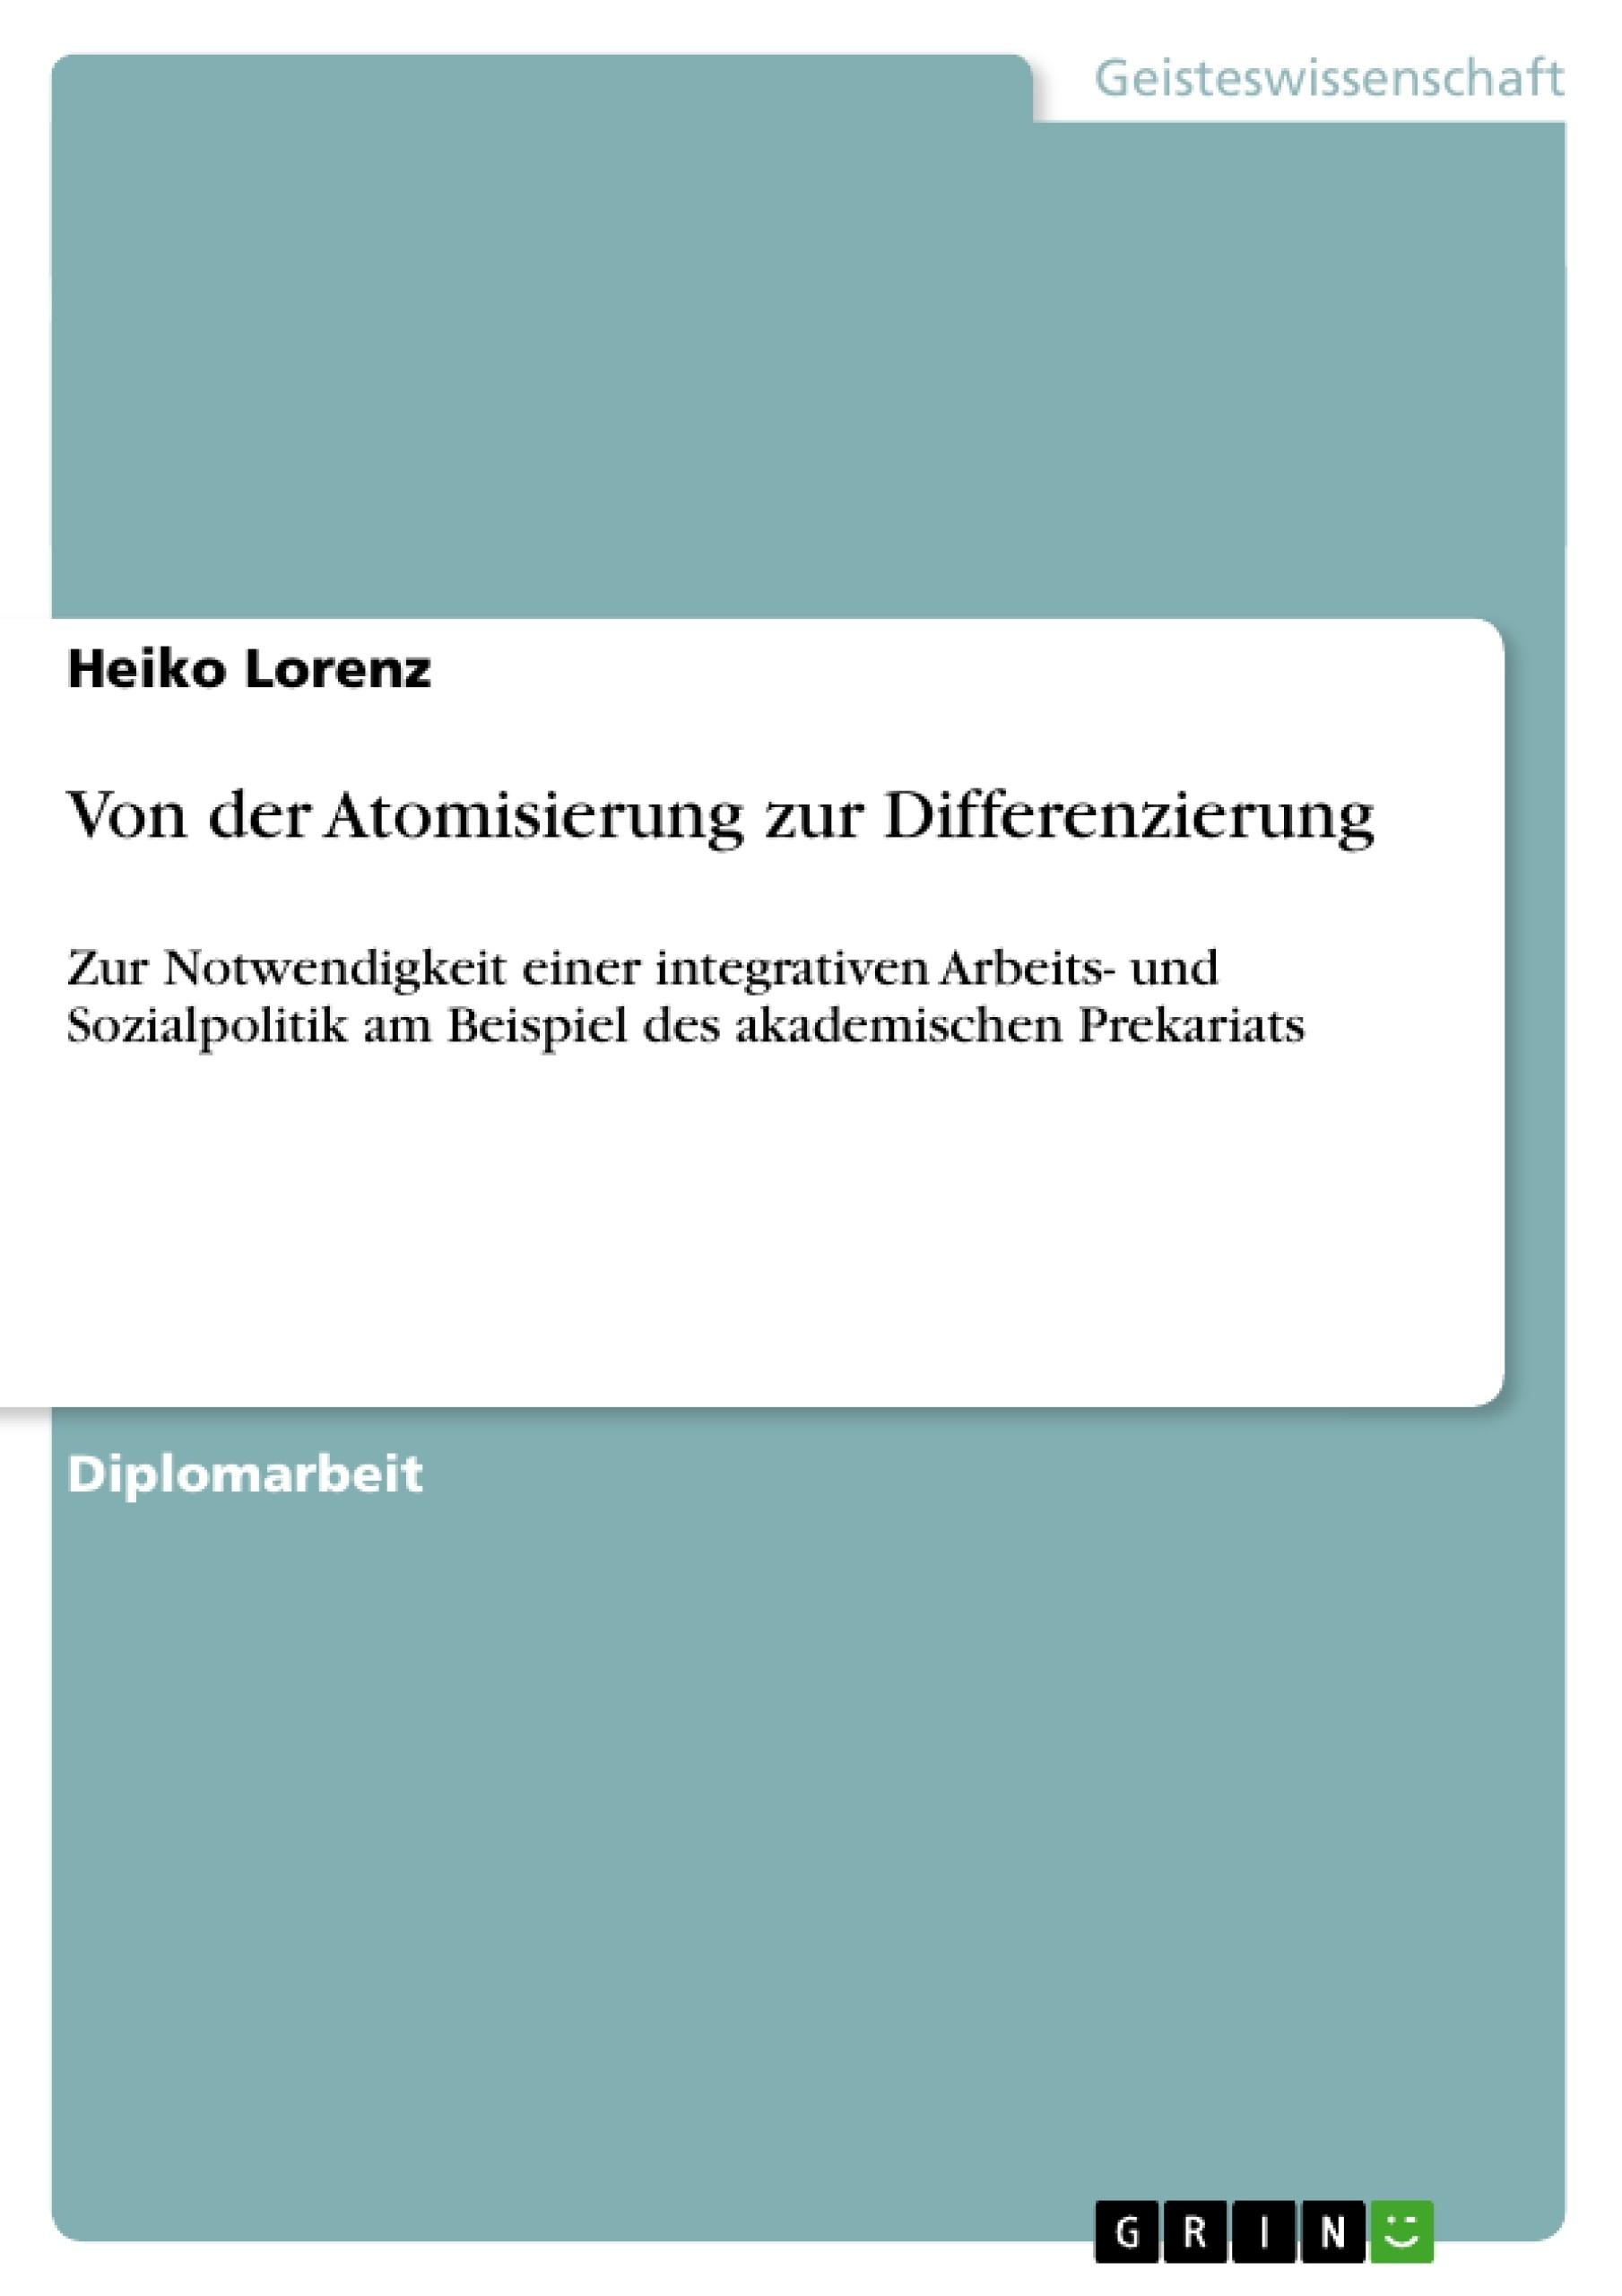 Titel: Von der Atomisierung zur Differenzierung